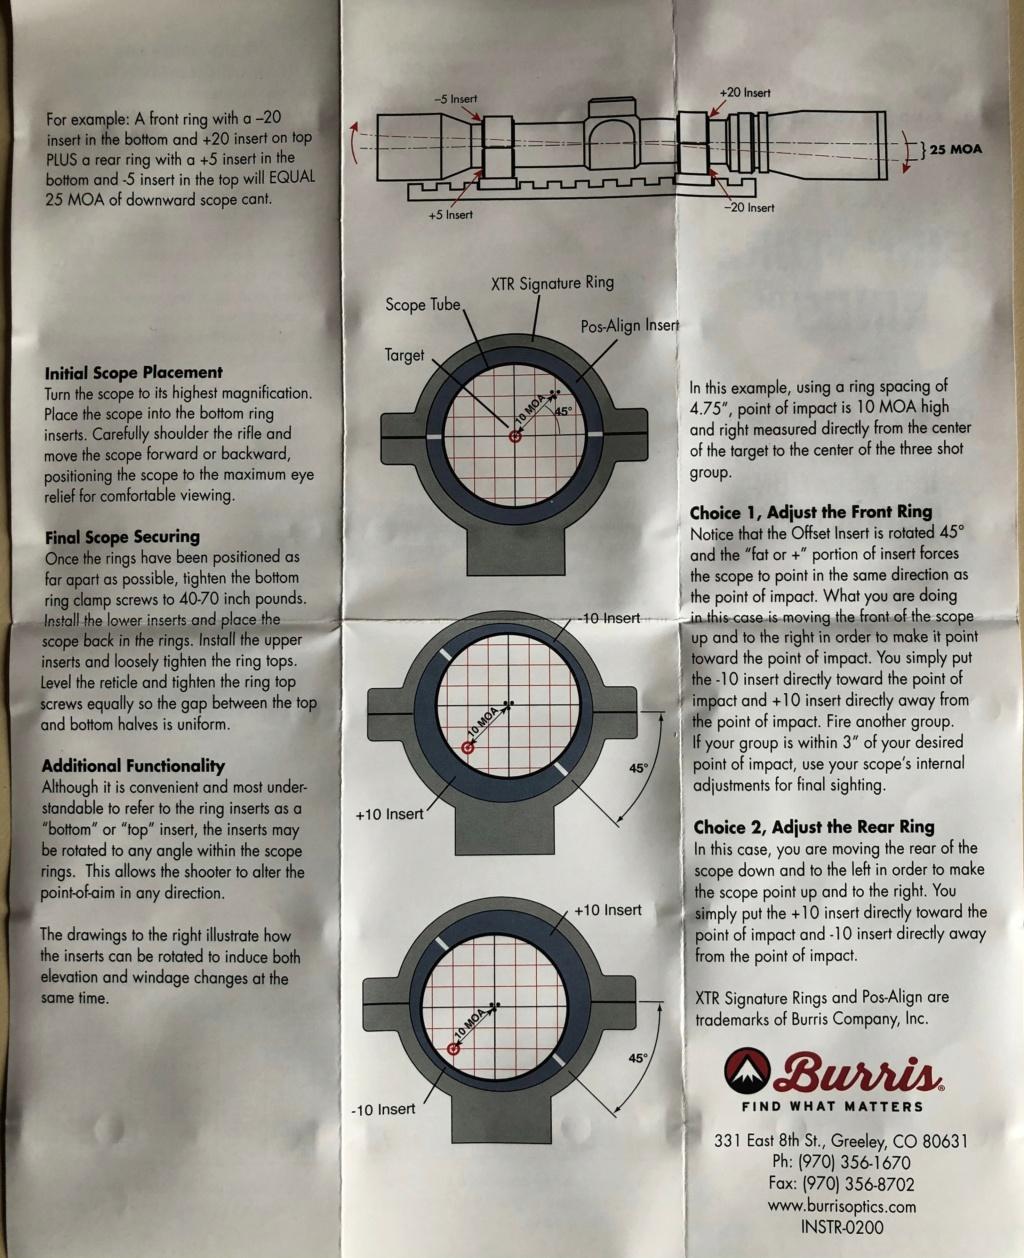 decalage en derive sur lunette - Page 2 Burris10